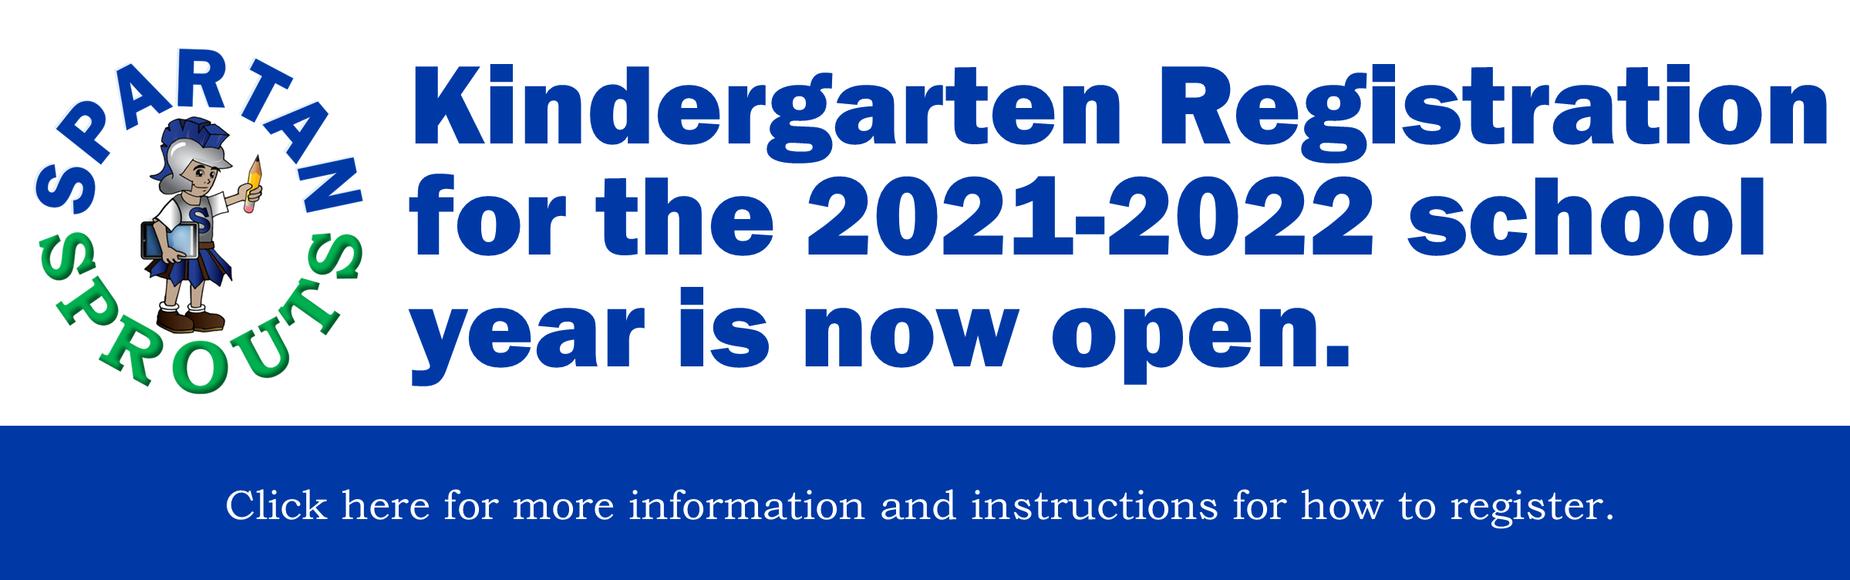 Kindergarten Registration 21-22 Banner Image